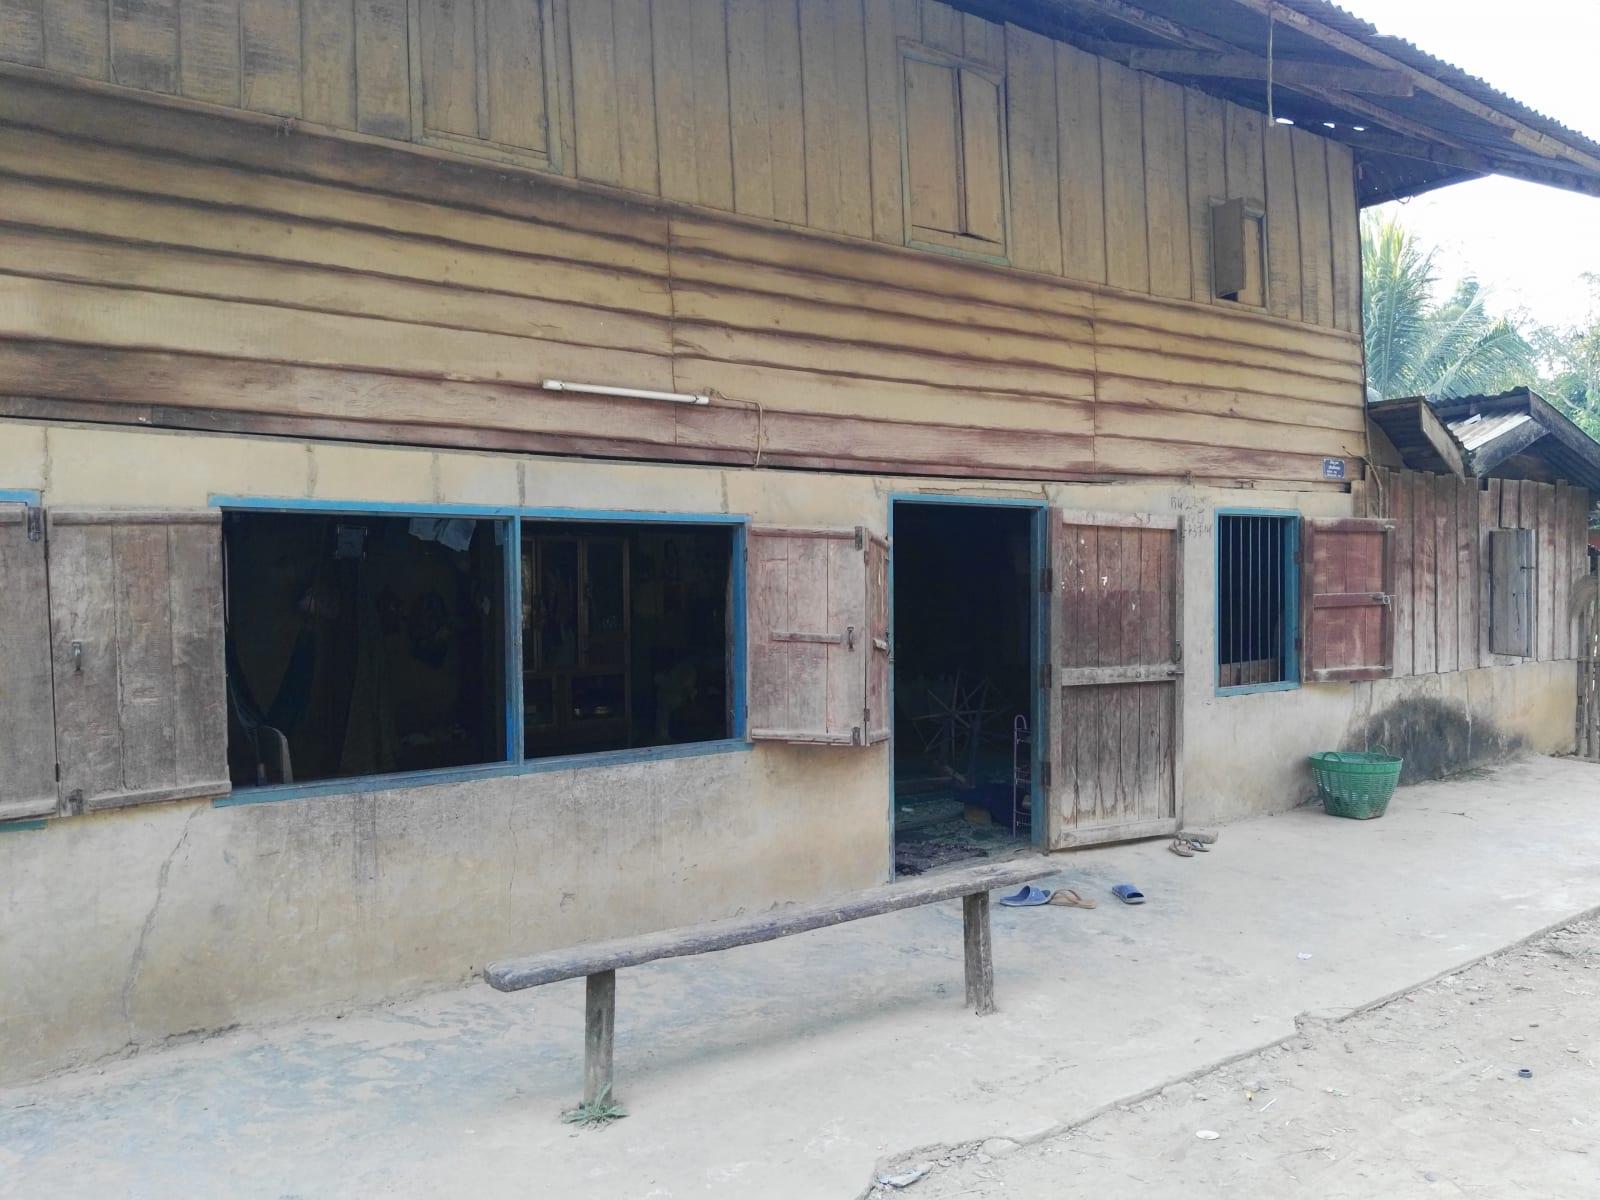 Tradiční obydlí místních obyvatel, Nong Khiaw, Laos